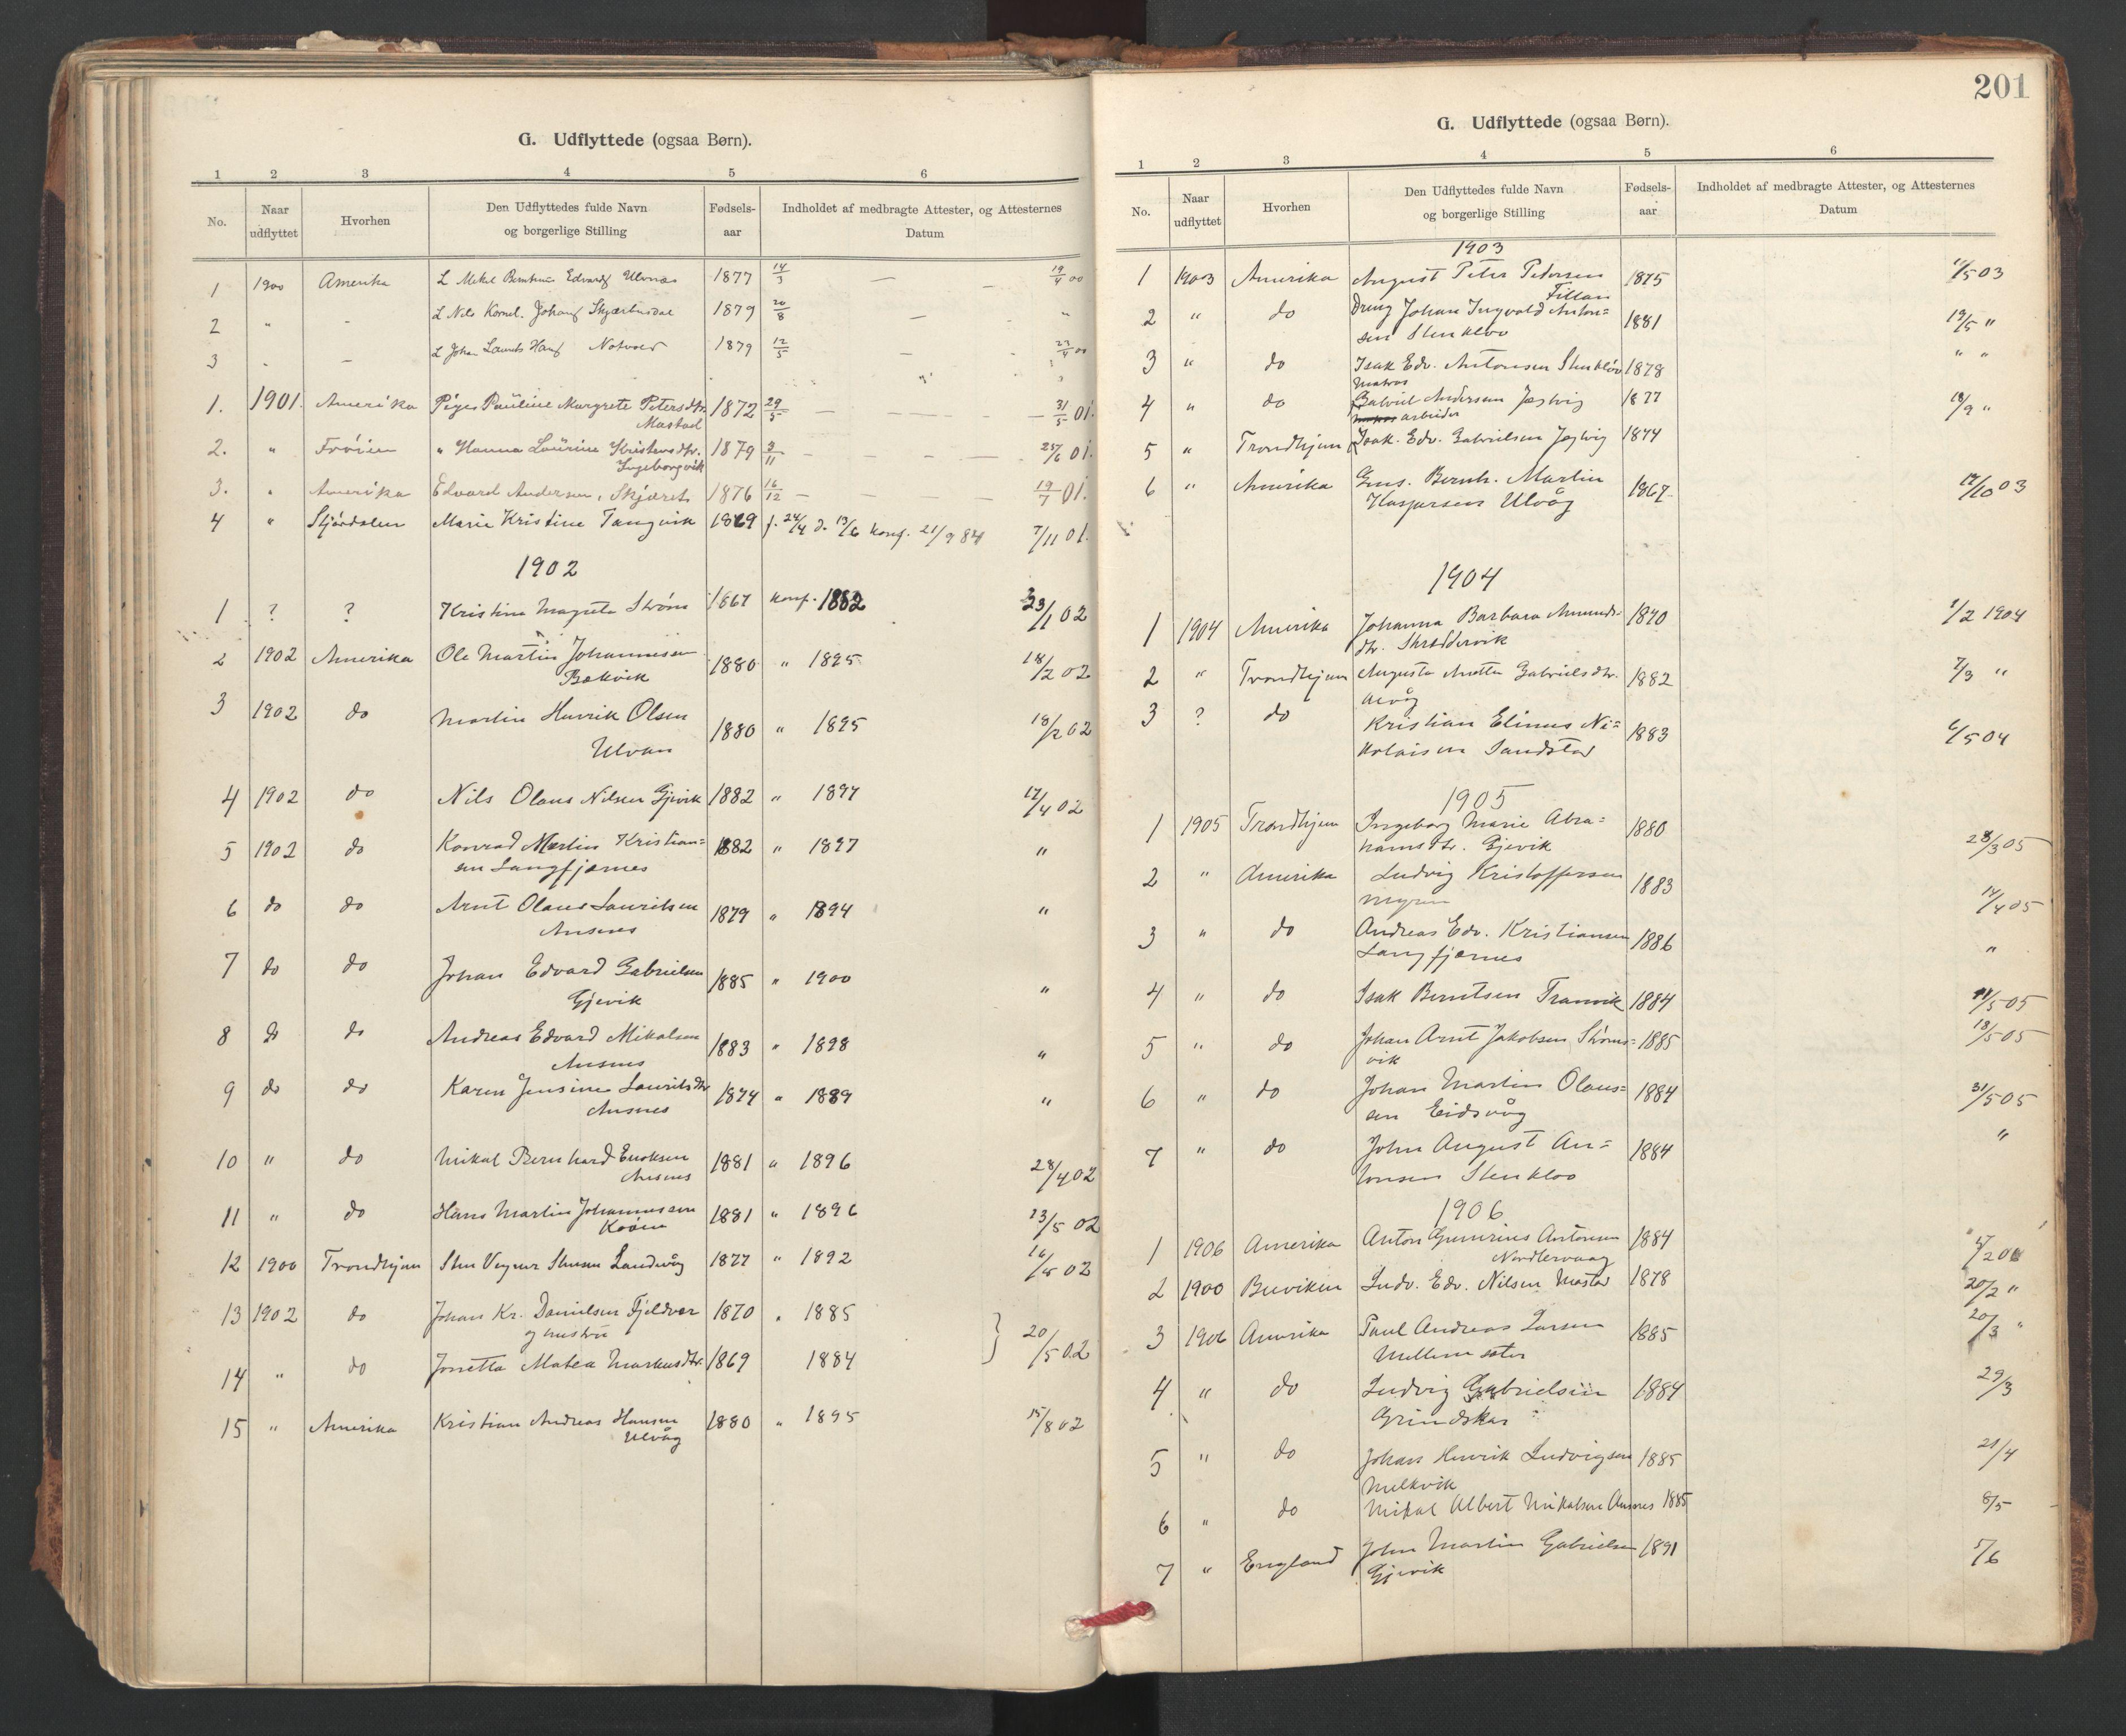 SAT, Ministerialprotokoller, klokkerbøker og fødselsregistre - Sør-Trøndelag, 637/L0559: Ministerialbok nr. 637A02, 1899-1923, s. 201